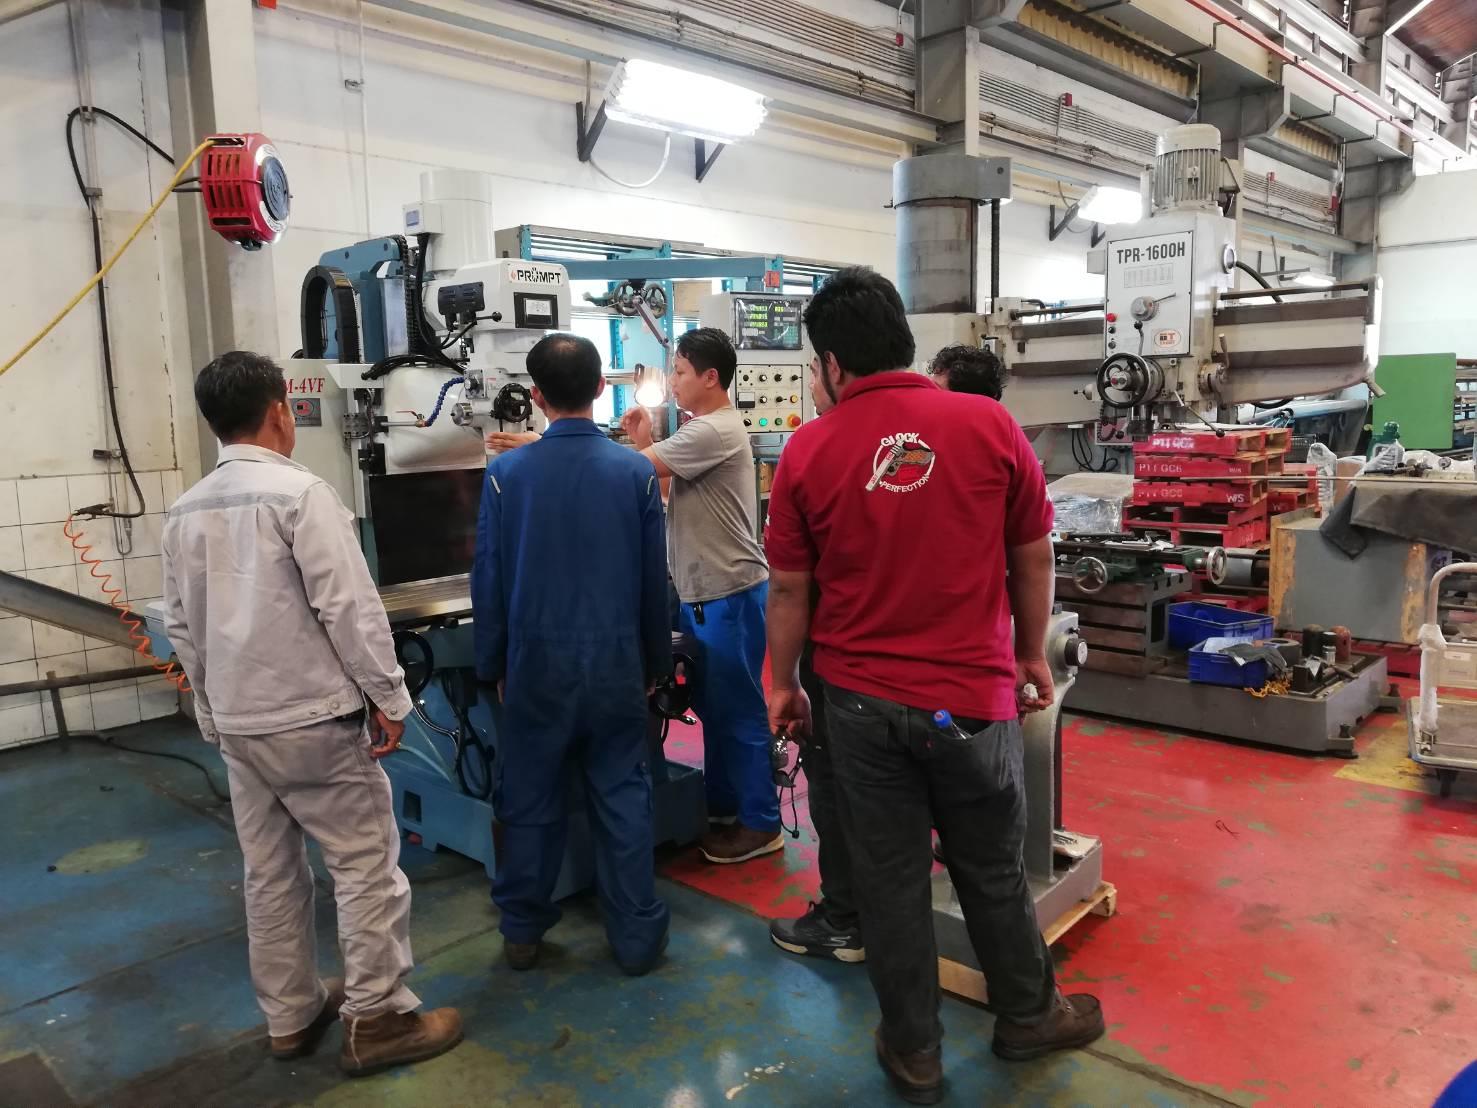 งานติดตั้งและเทรนนิ่ง Prompt Millimg Bed Type @ PTT Global Chemical 6/9/61